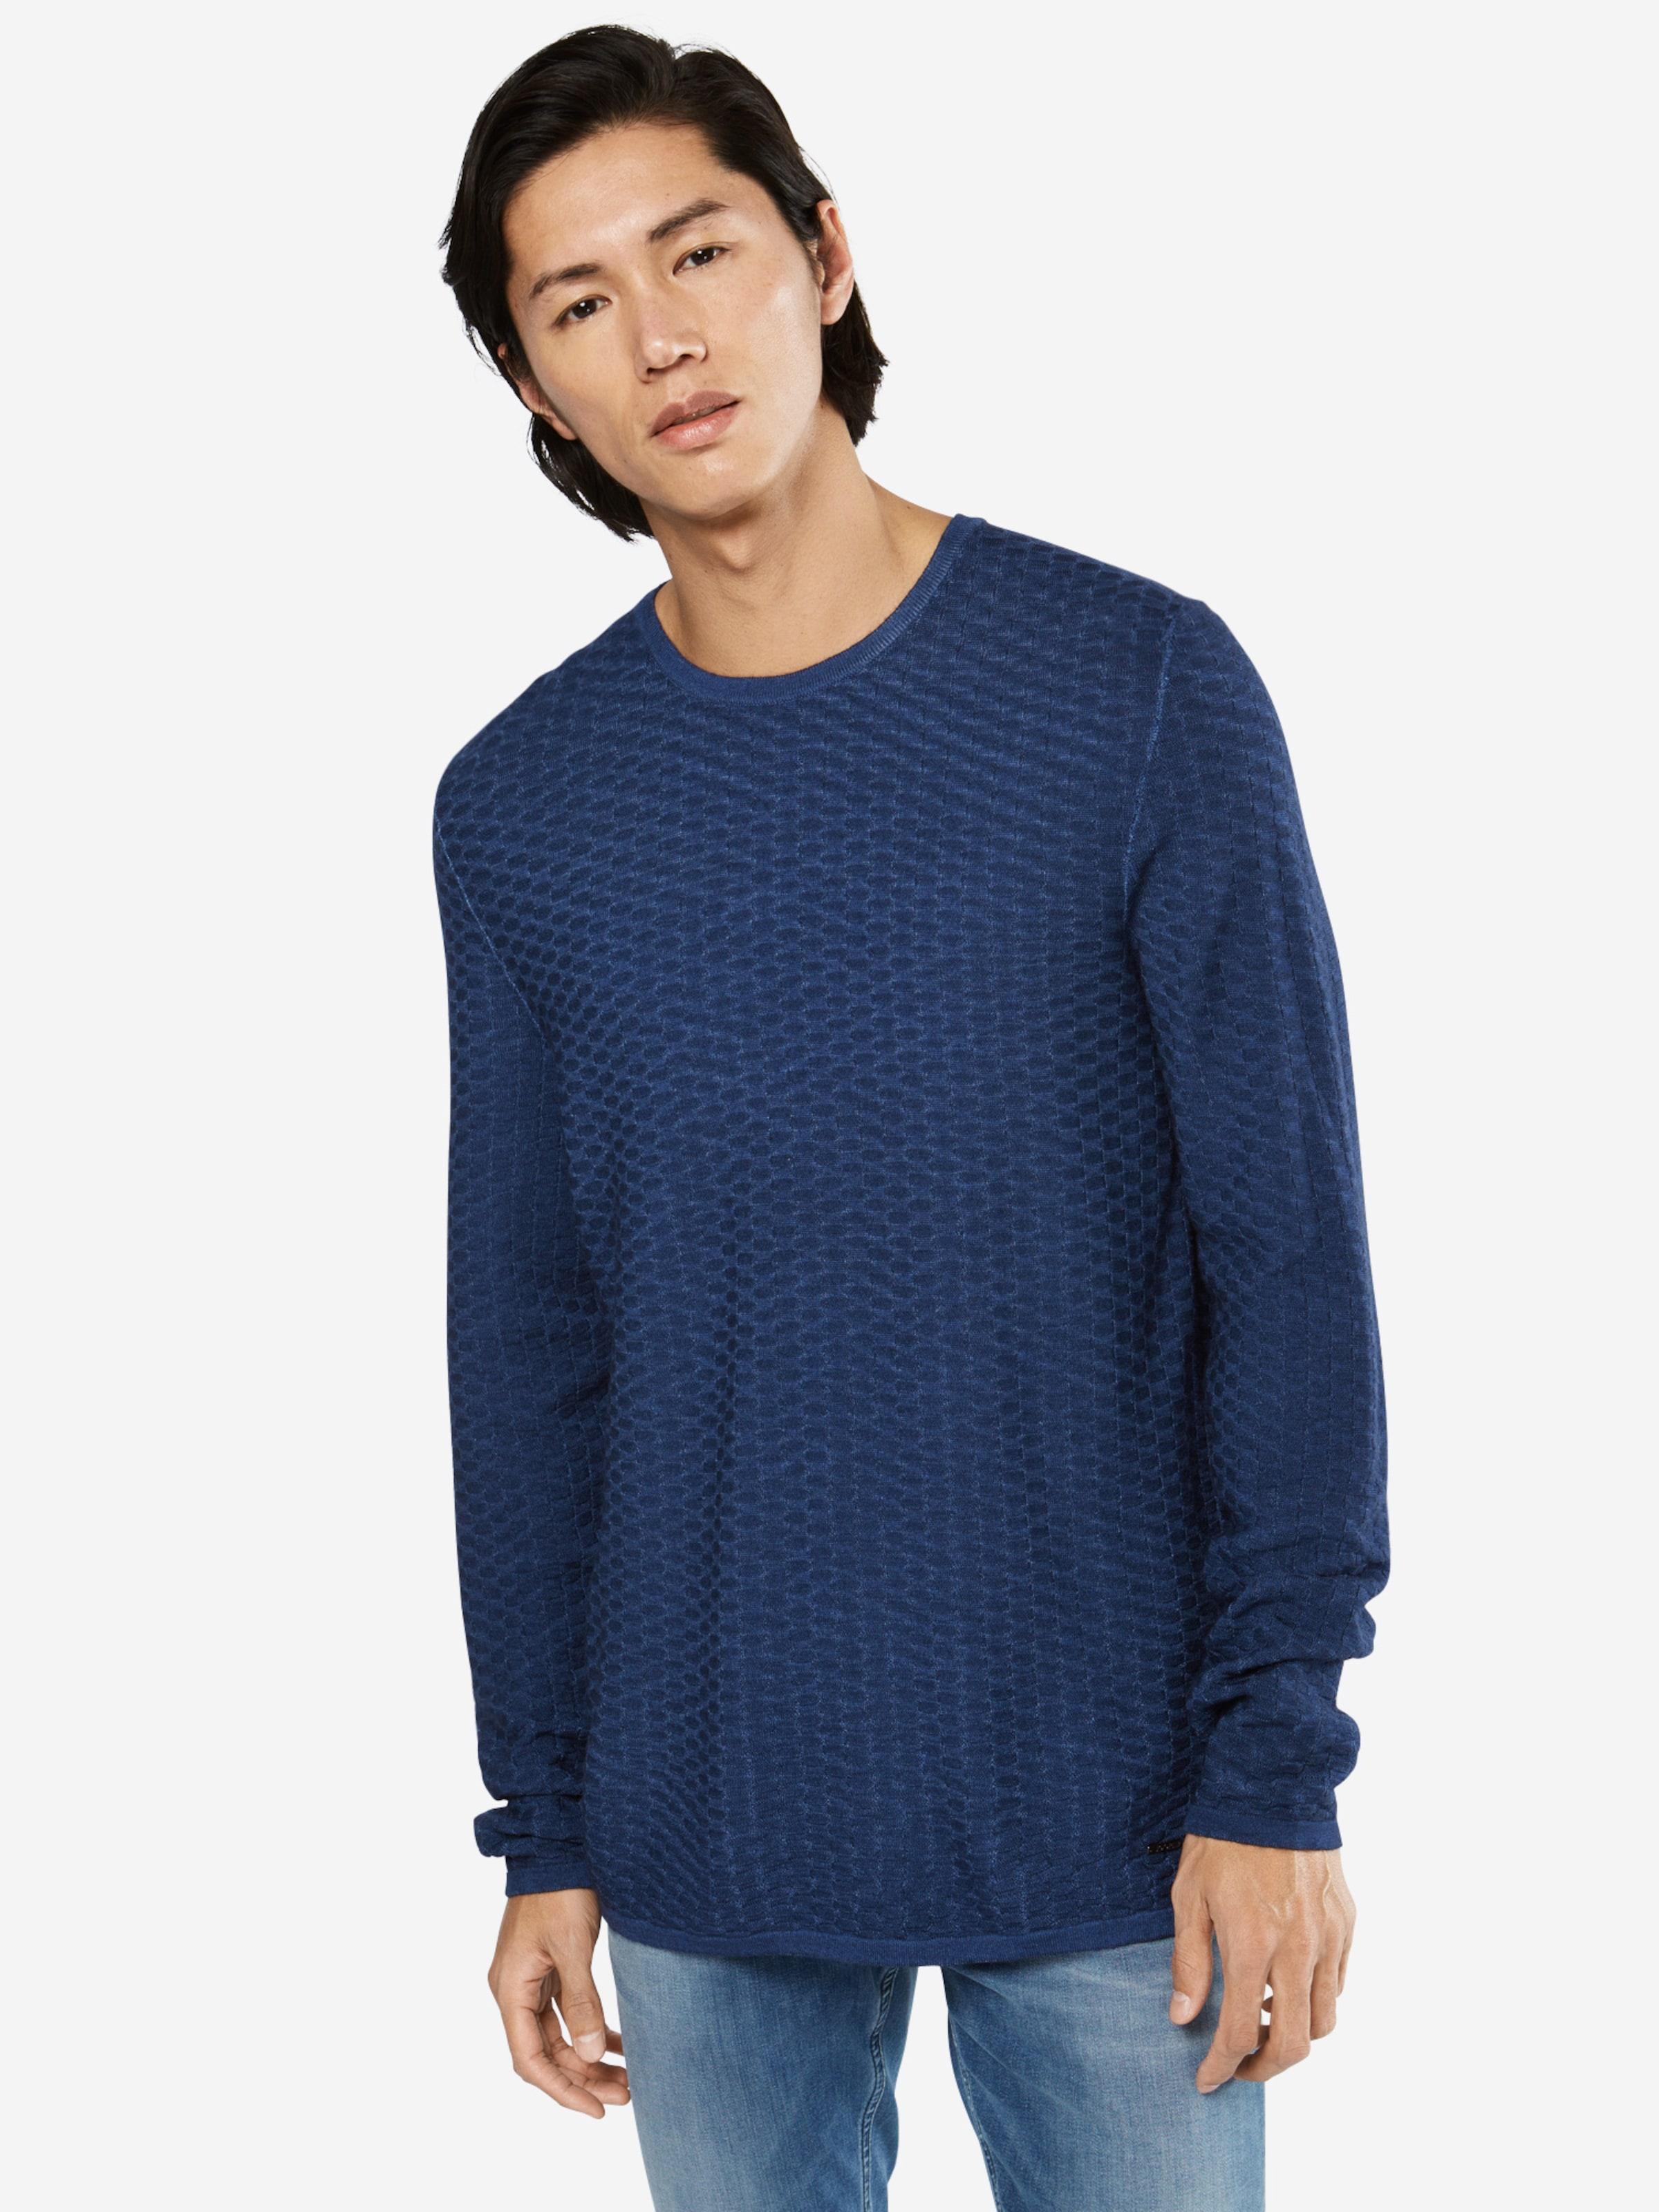 JOOP! Pullover aus Struktur-Strick 'Steve' Steckdose Echte DsBnRL7oGd